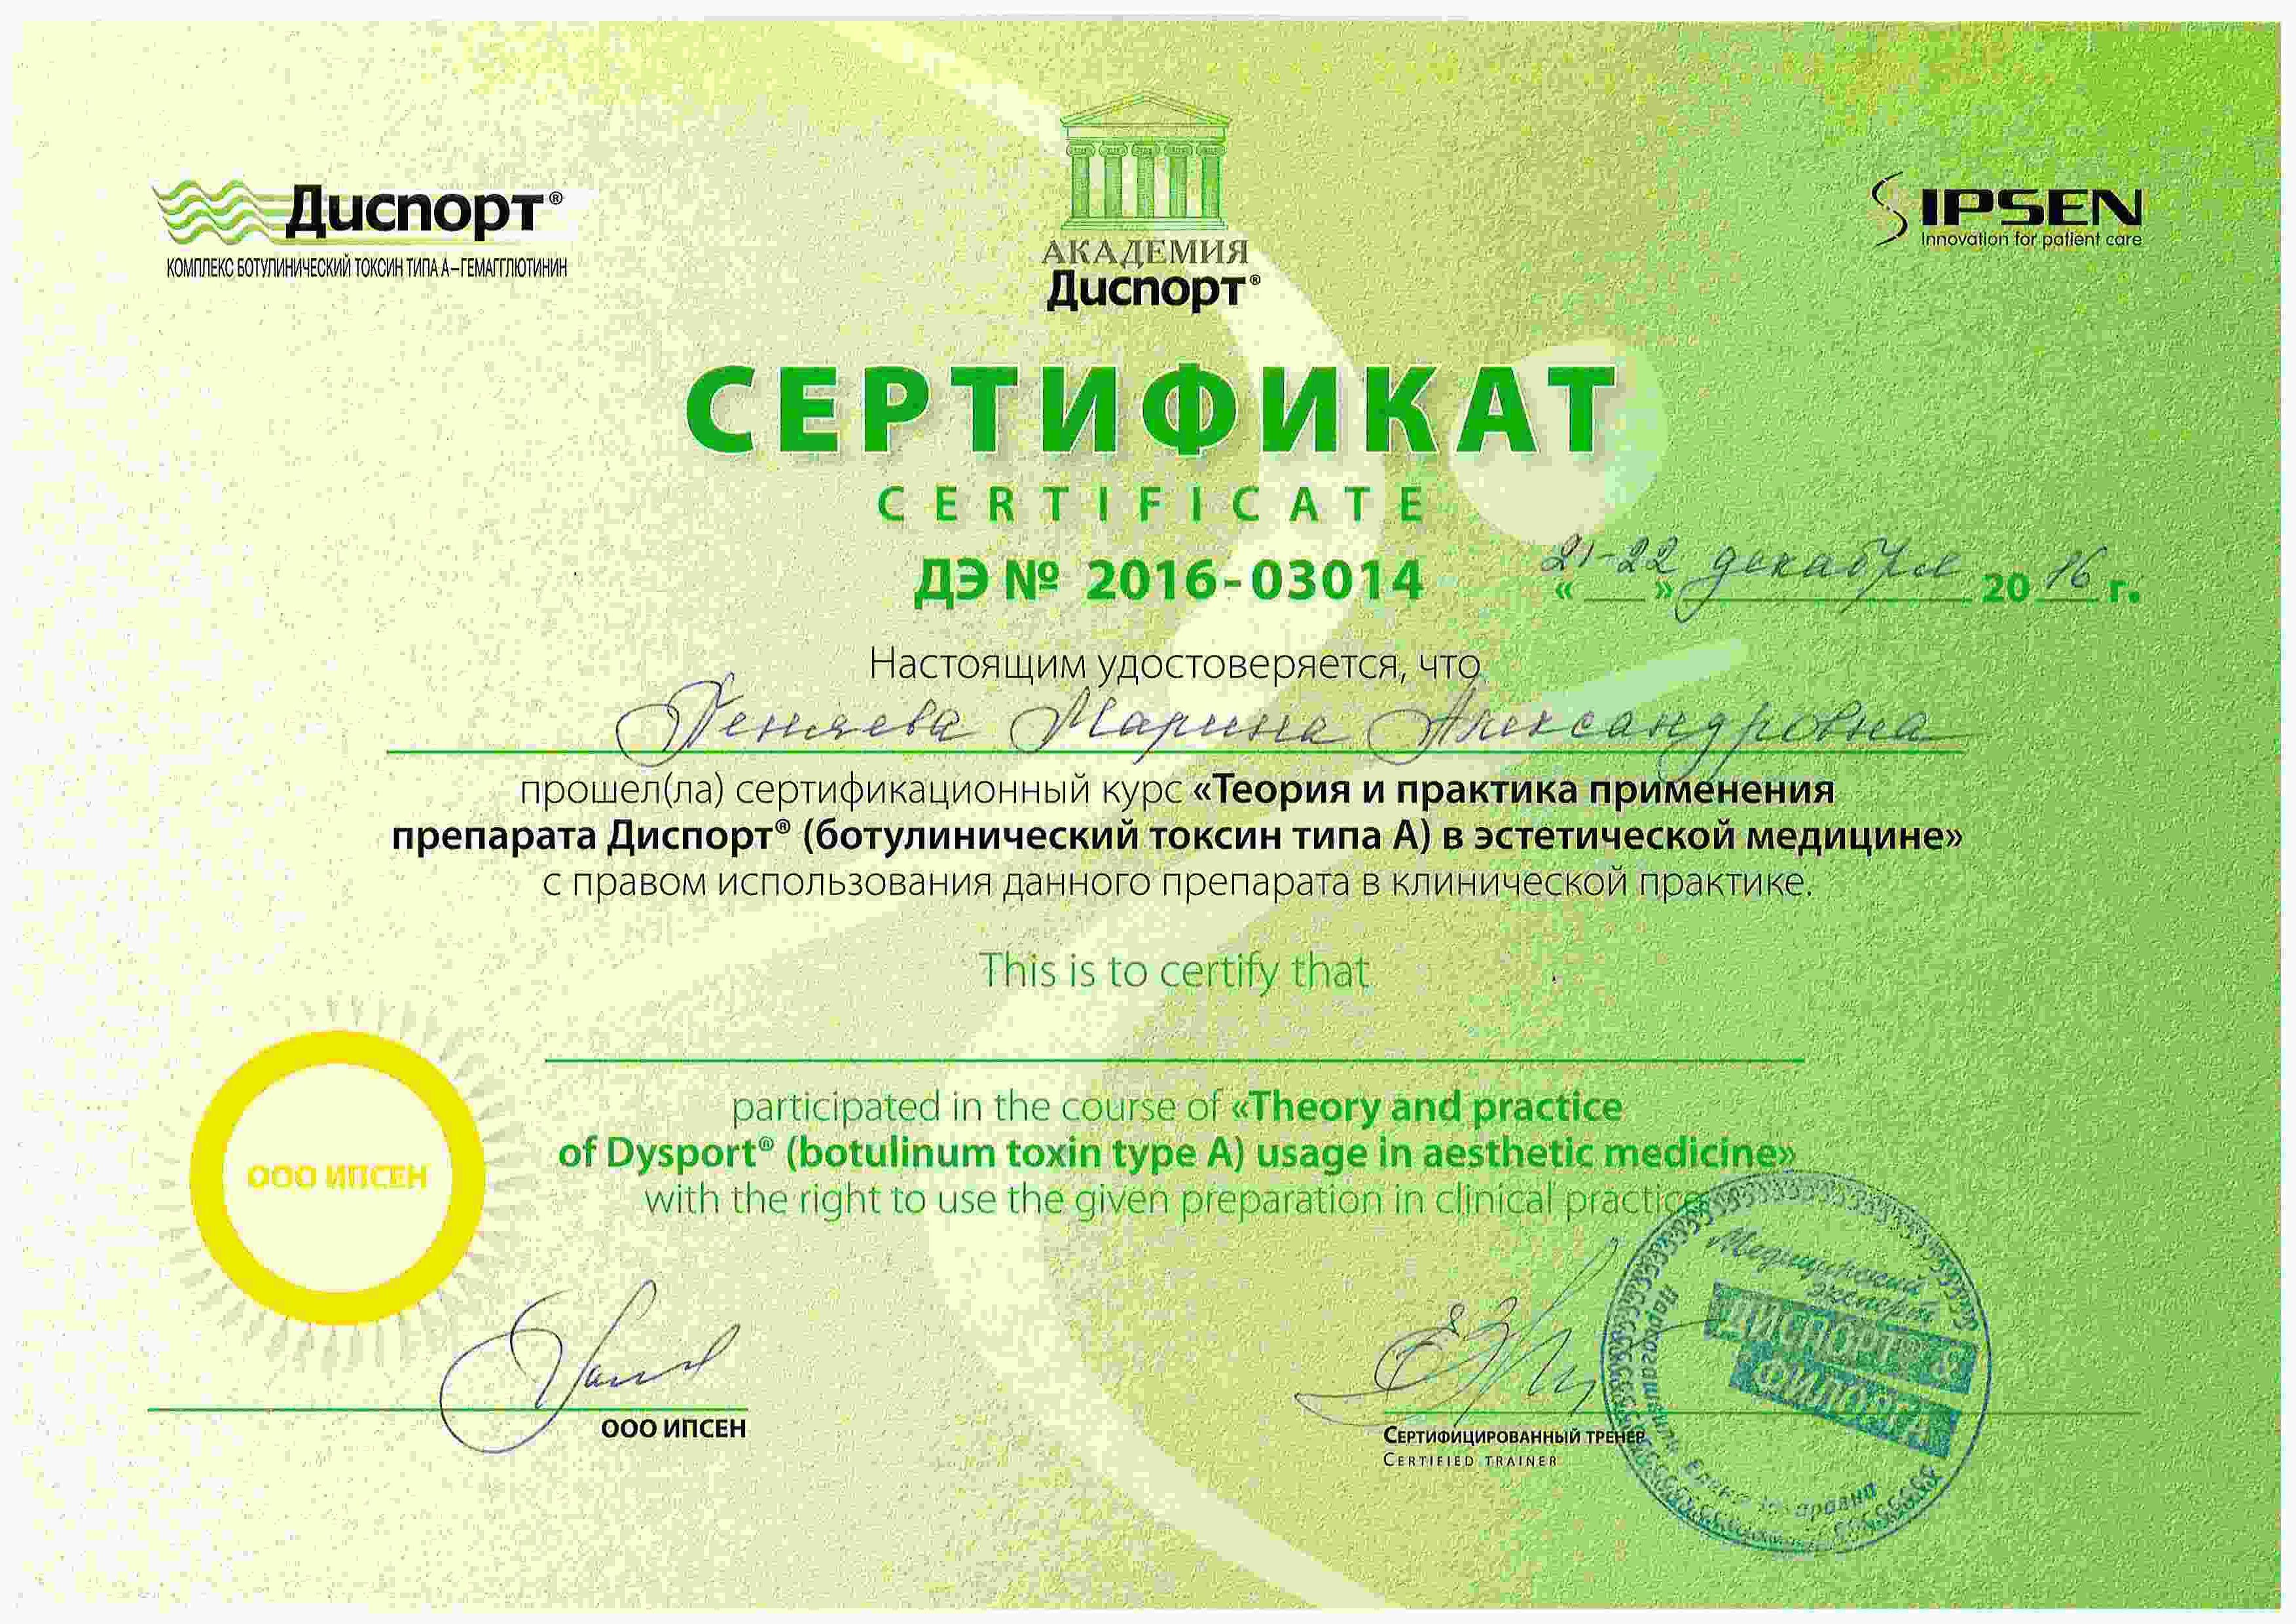 Сертификат — Применение препарата Диспорт. Пеняева Марина Александровна